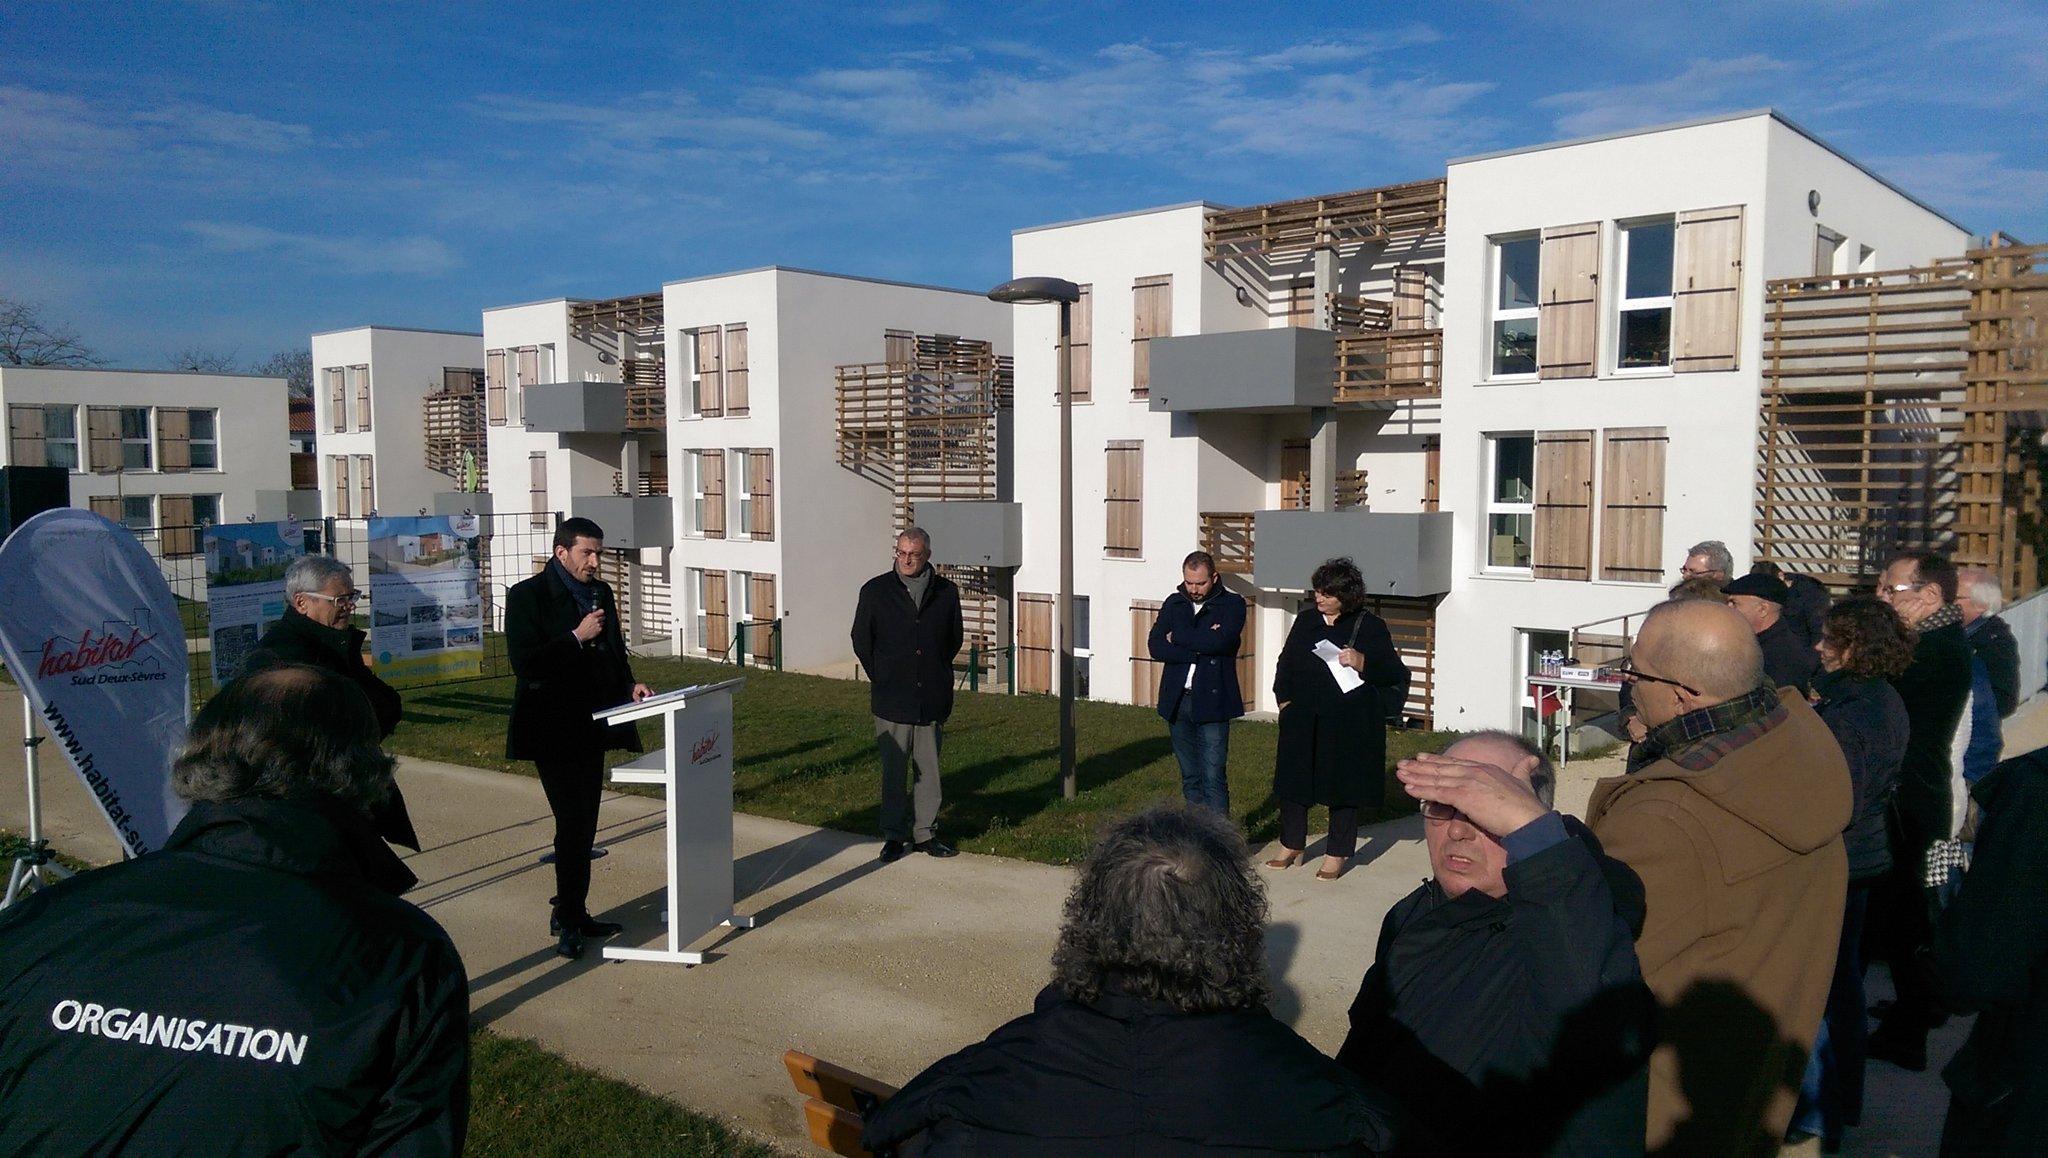 Inauguration de 81 logements sociaux aux Sablières @NiortAgglo @Mairie_Niort #InvestirPourLesQuartiers #HSDS #MixitéSociale https://t.co/cISDAm6PXh